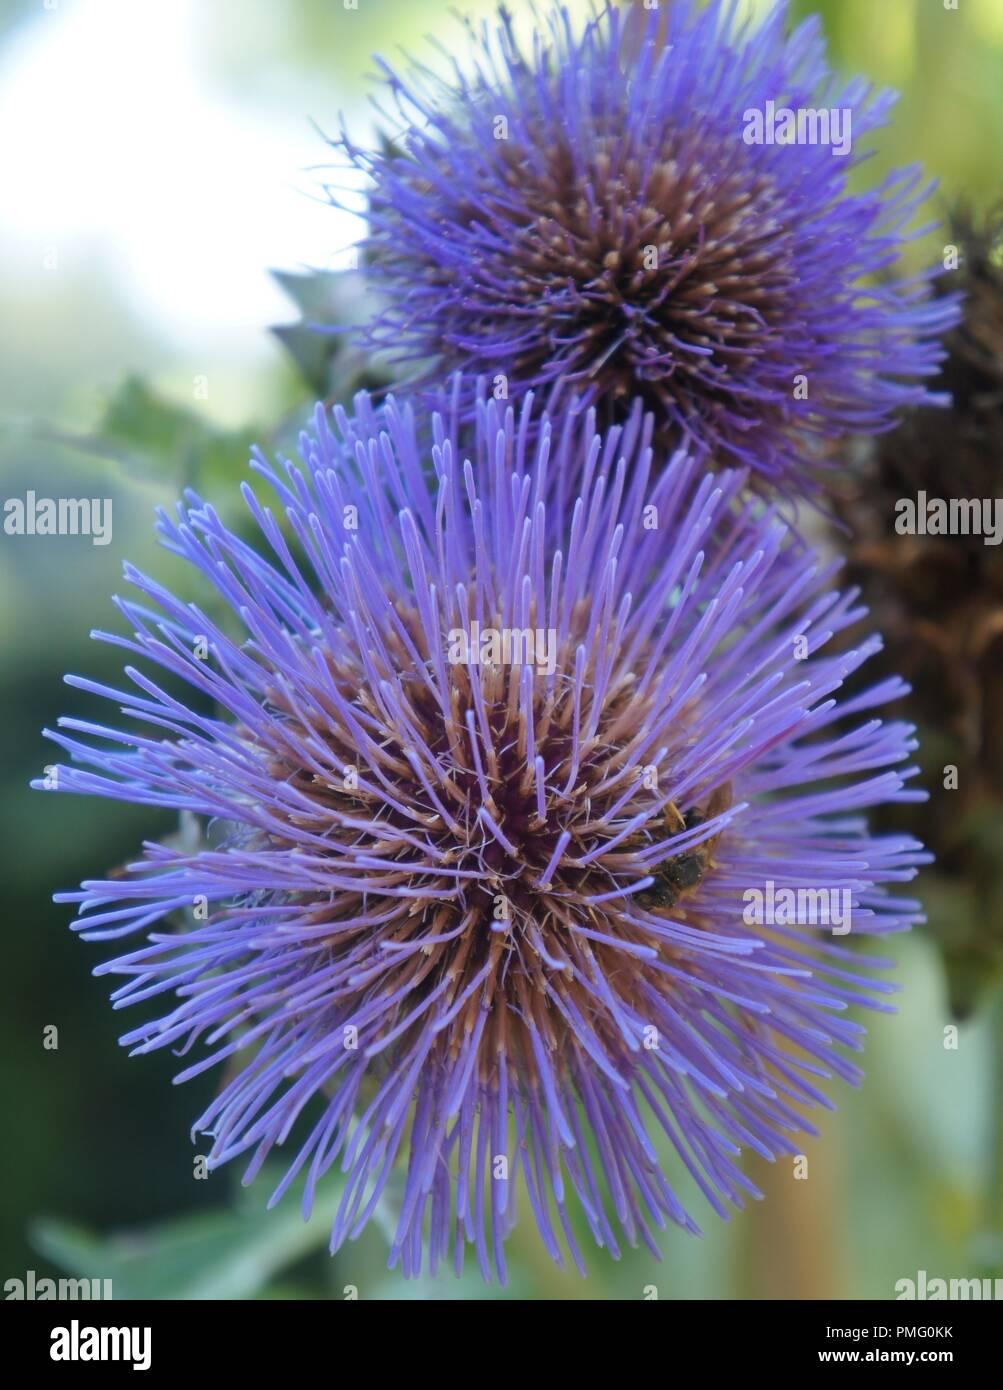 Fleur de cardon bleue, plante potagère famille des cardons et artichauts Cynara cardunculus cardon bleu, fleur, plante de la famille des légumes cardons Photo Stock